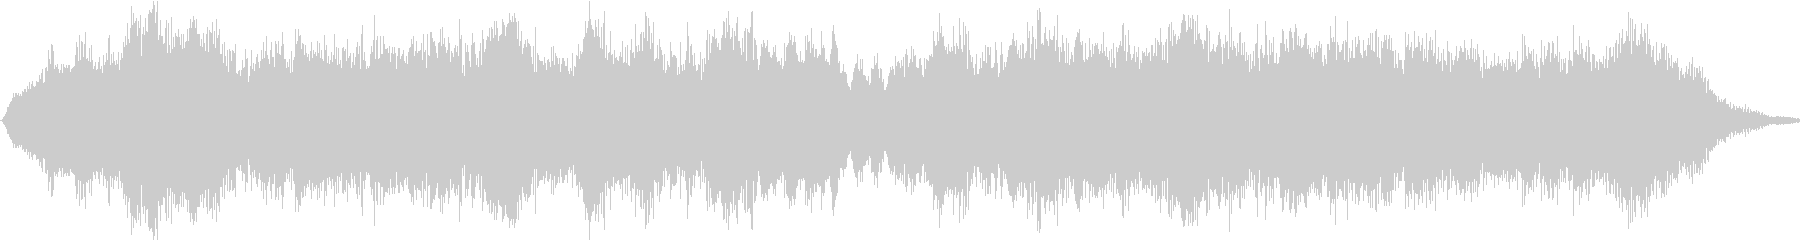 優しく懐かしい唱歌「故郷」弦楽合奏15sの未再生の波形